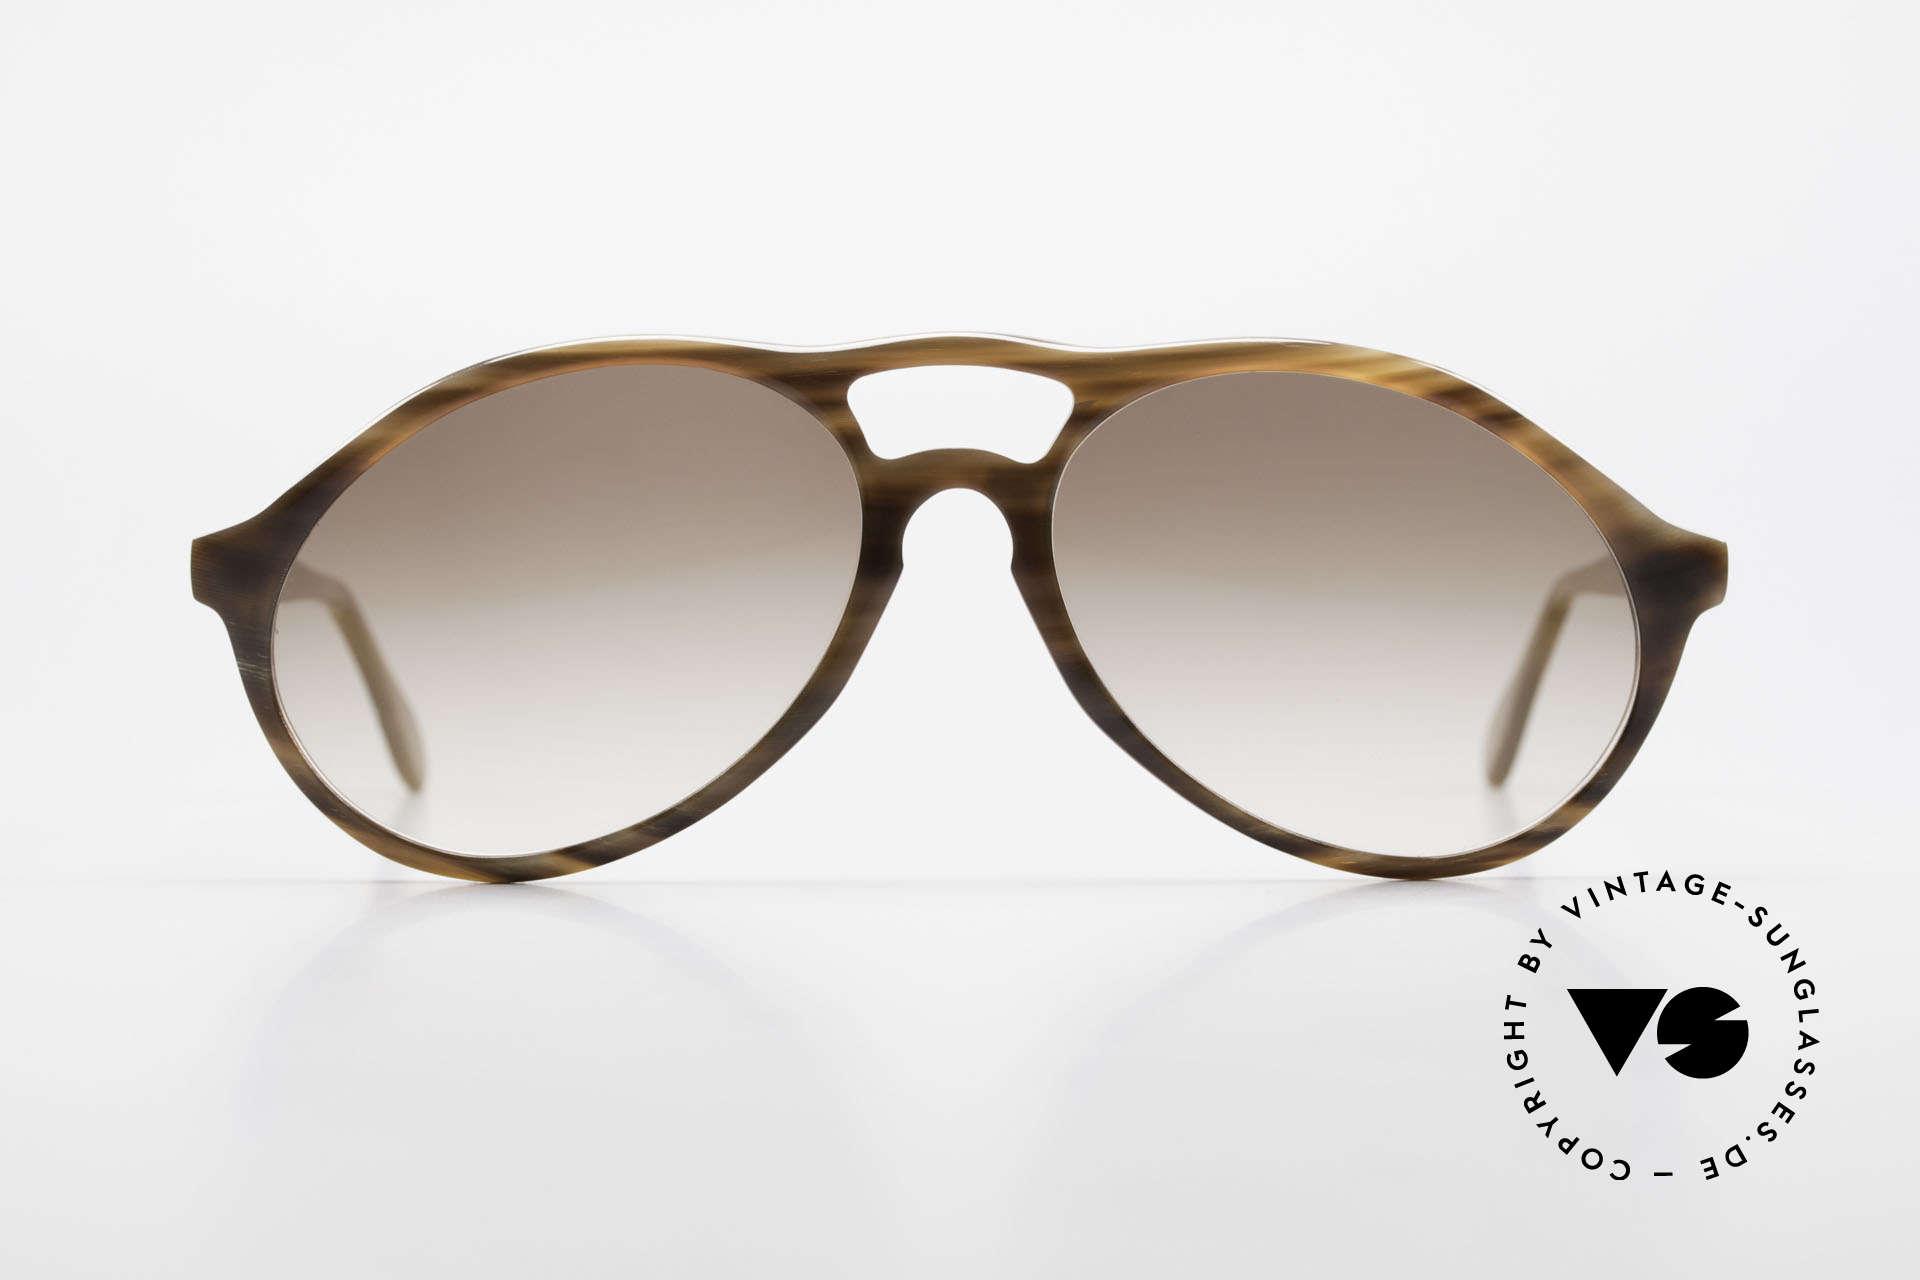 Bugatti 64852 Genuine Buffalo Horn Glasses, precious 80's Bugatti vintage sunglasses; size 54-16, Made for Men